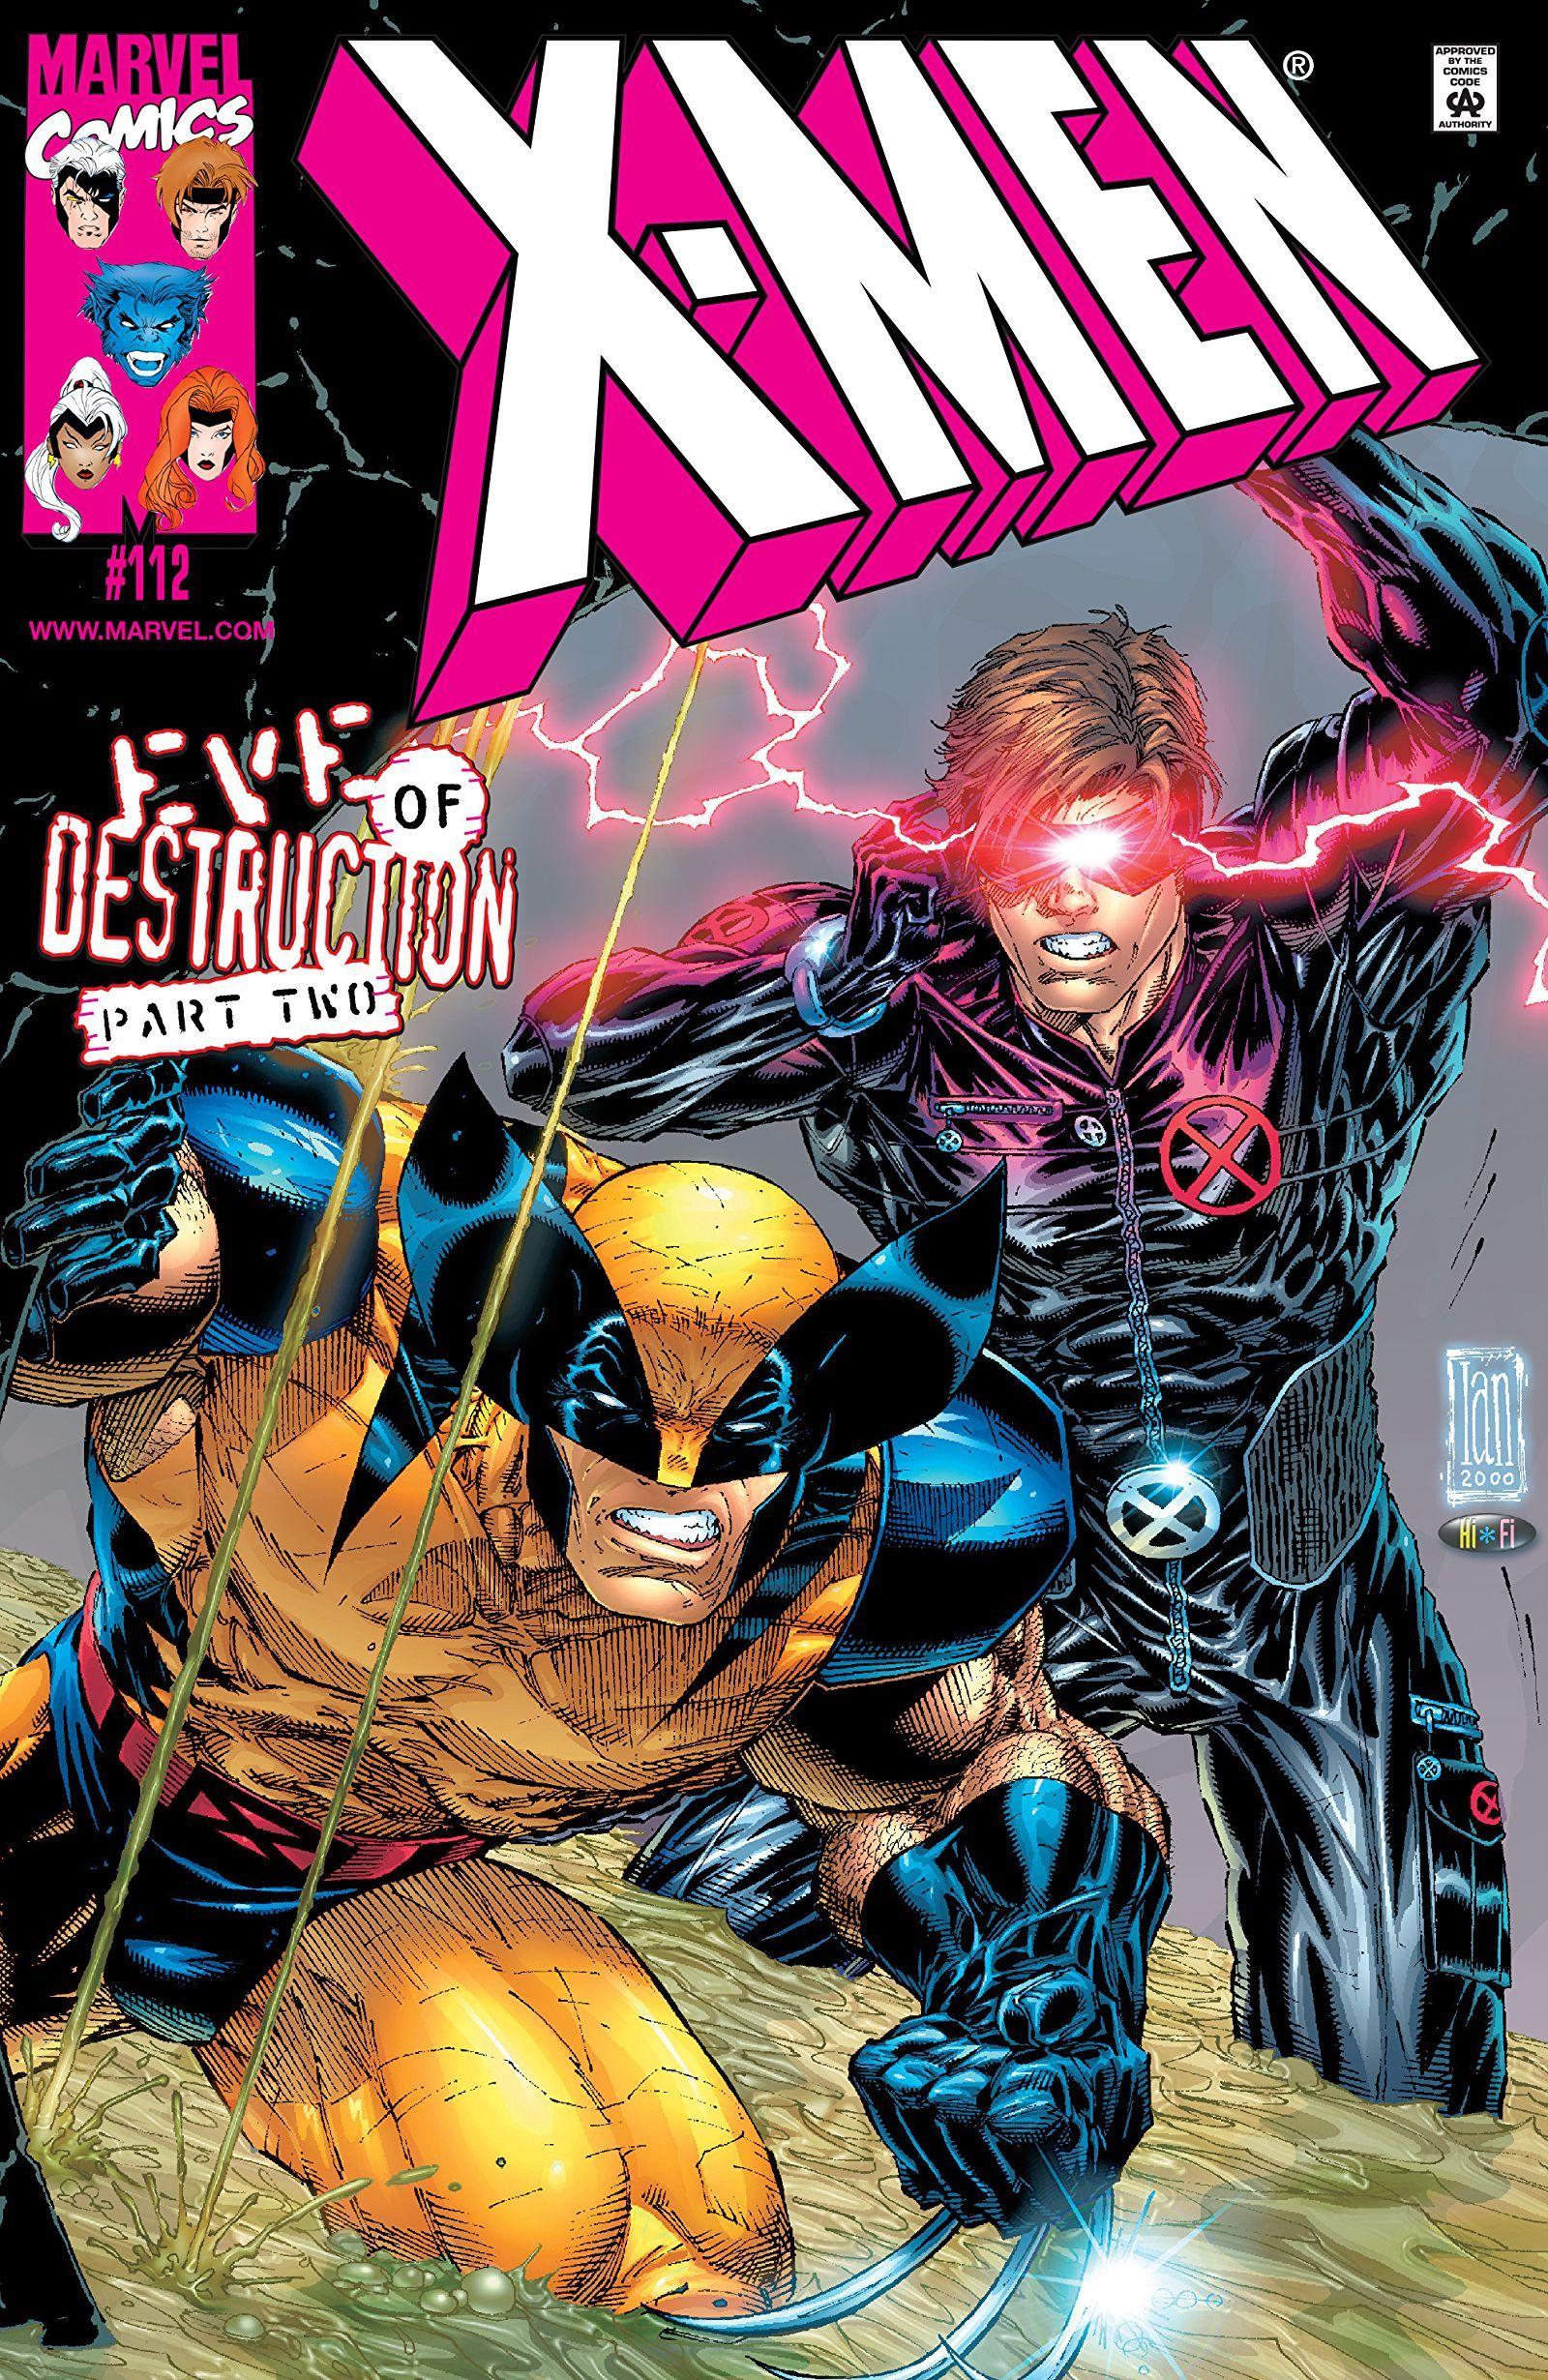 X Men 1991 2001 112 Cyclops X Men Marvel Comics Art Wolverine Marvel